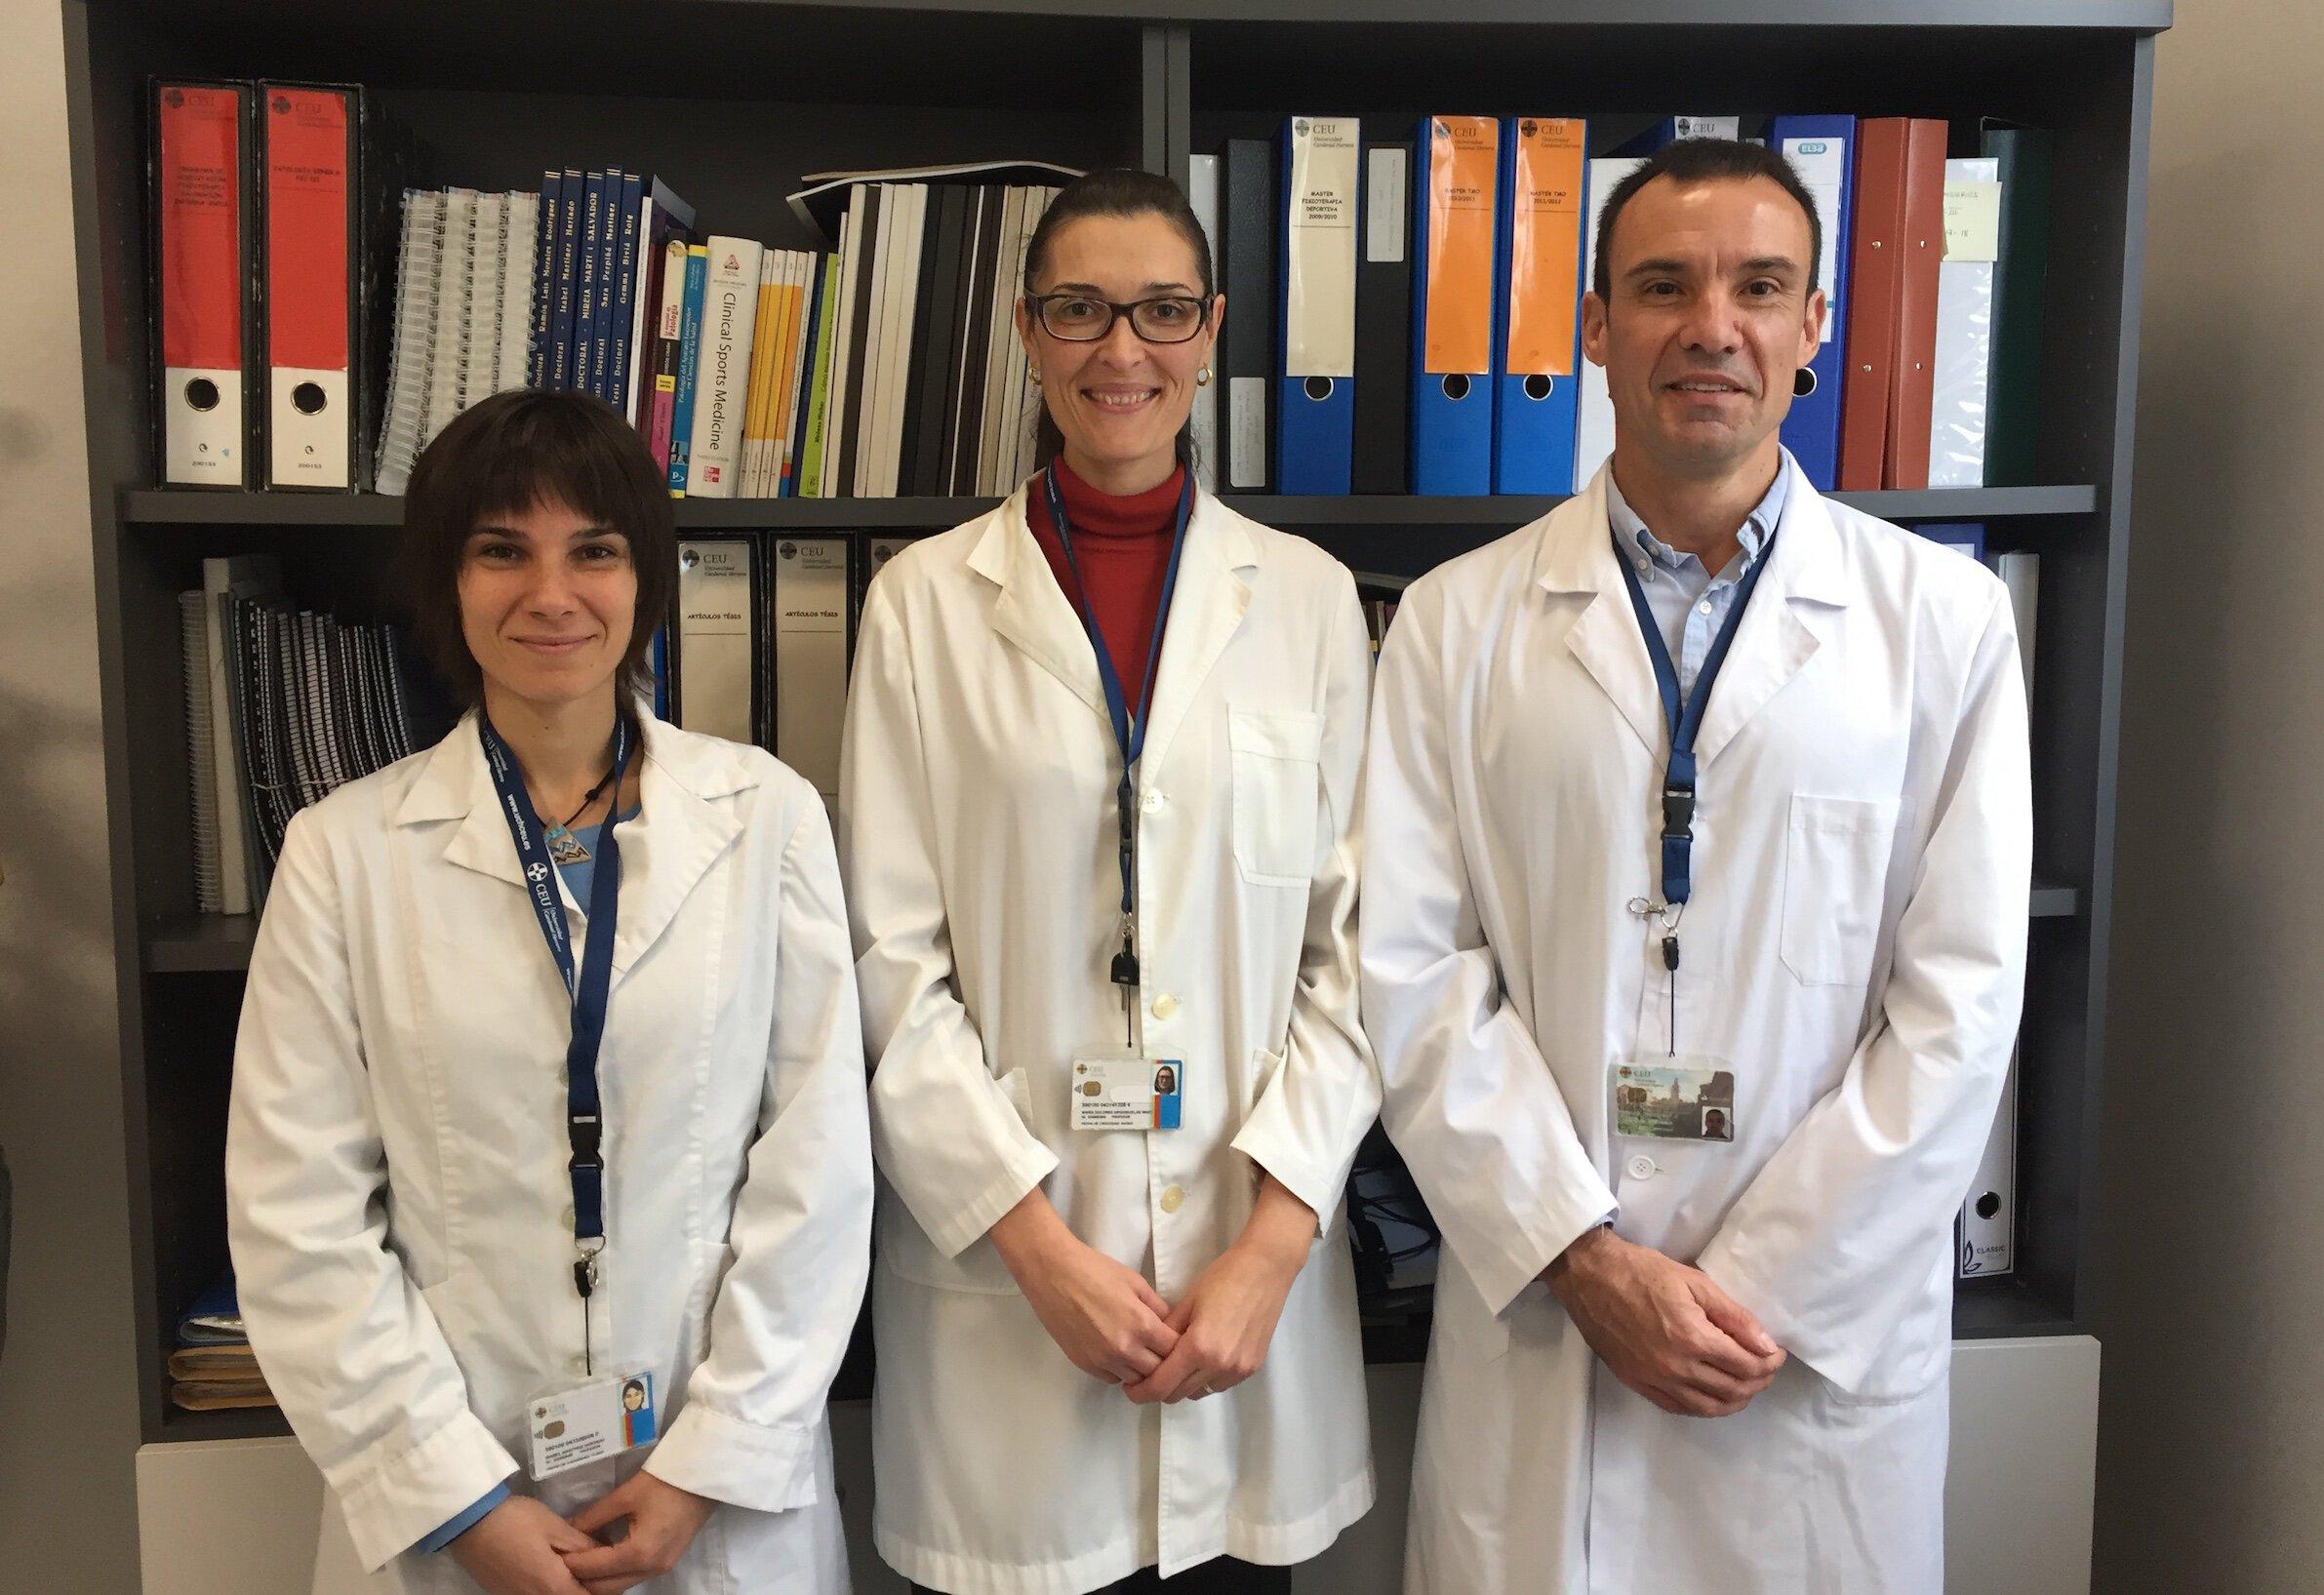 Myofasziale Therapien helfen, die Behandlung von gastroösophagealen reflux